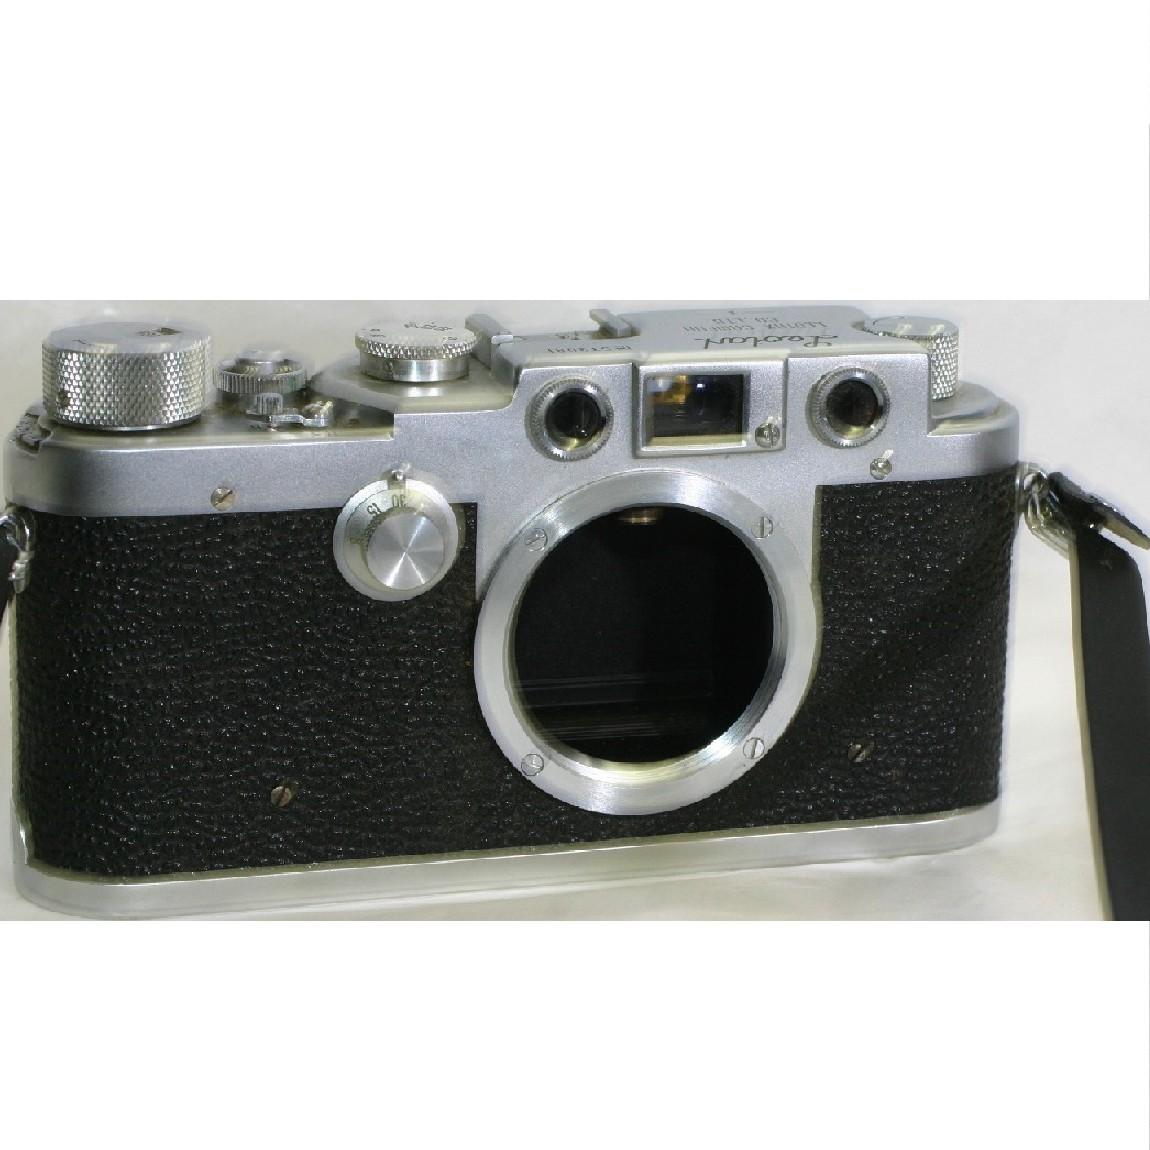 【中古】抜群に綺麗レオタックスカメラFライカスクリューマウントモデル ○F11-20-2